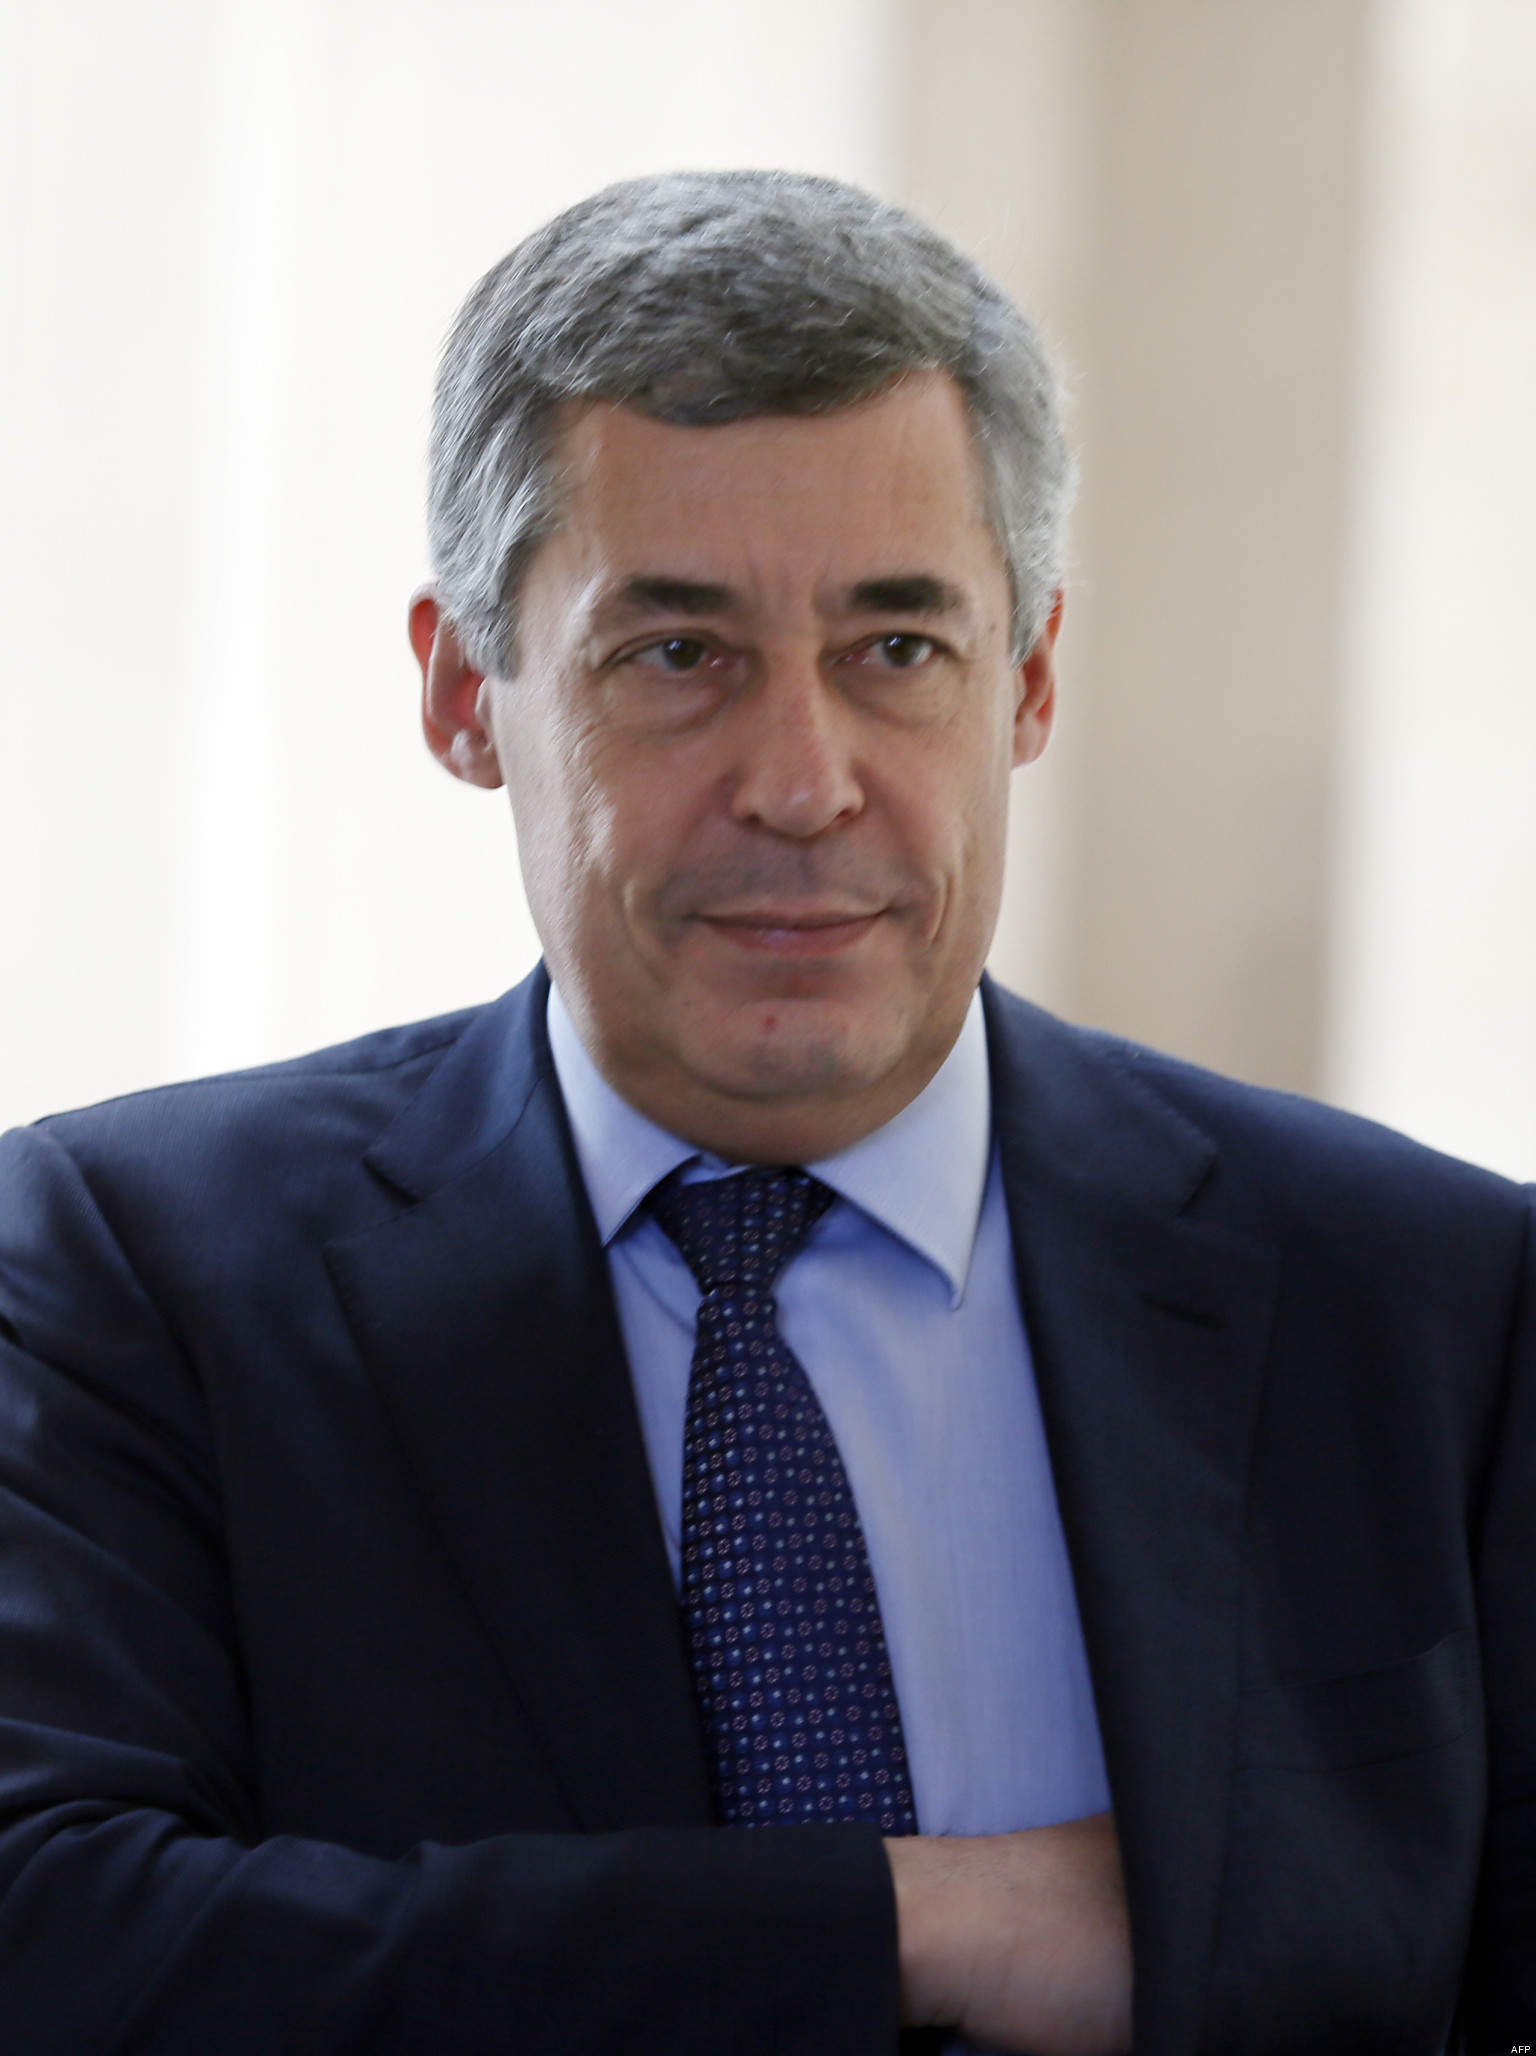 Henri Guaino éléction présidentielle 2017, candidat